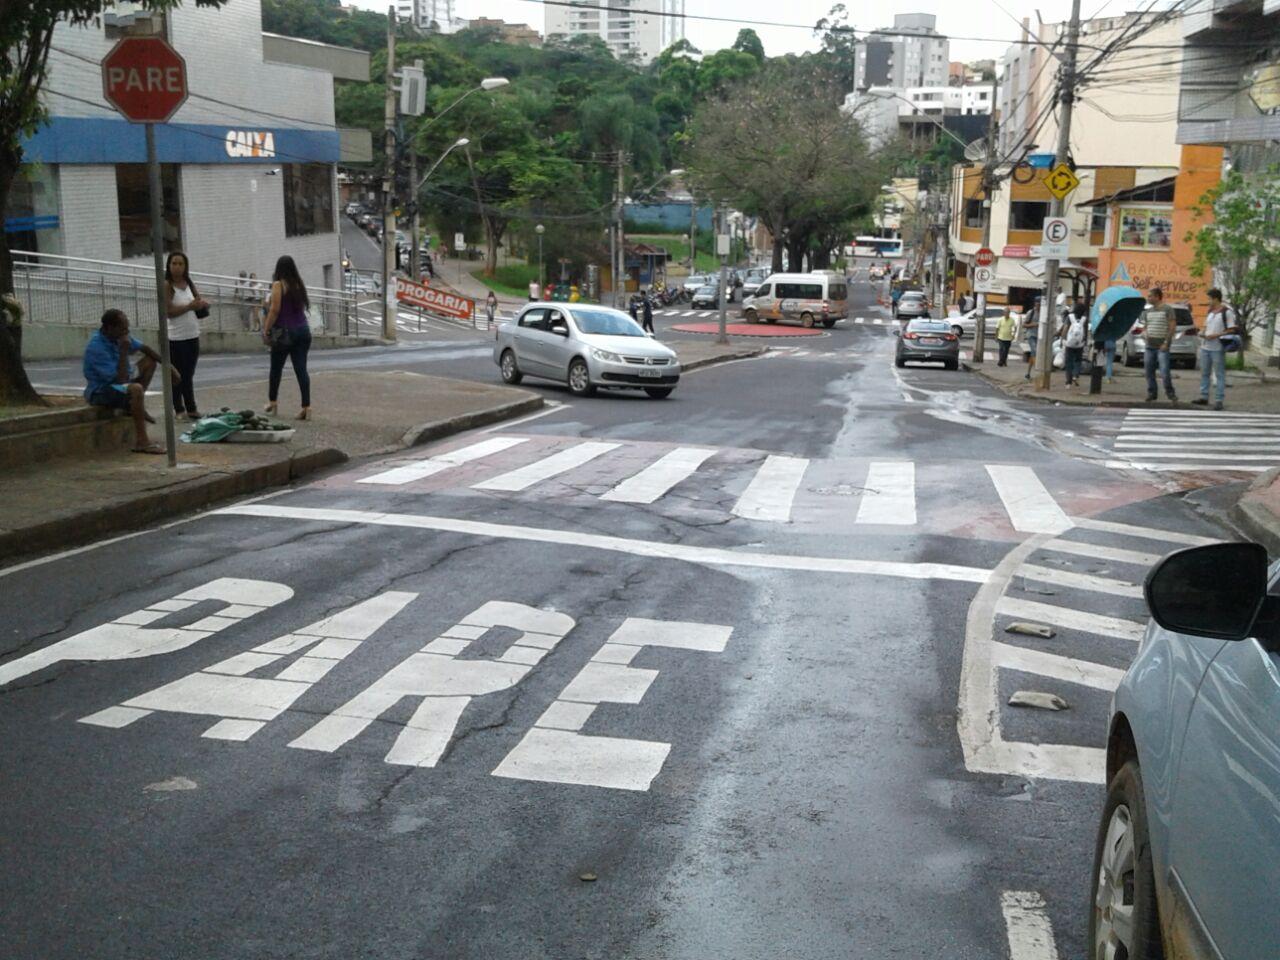 Transita faz modificações no trânsito da avenida Daniel de Grisolia; veja